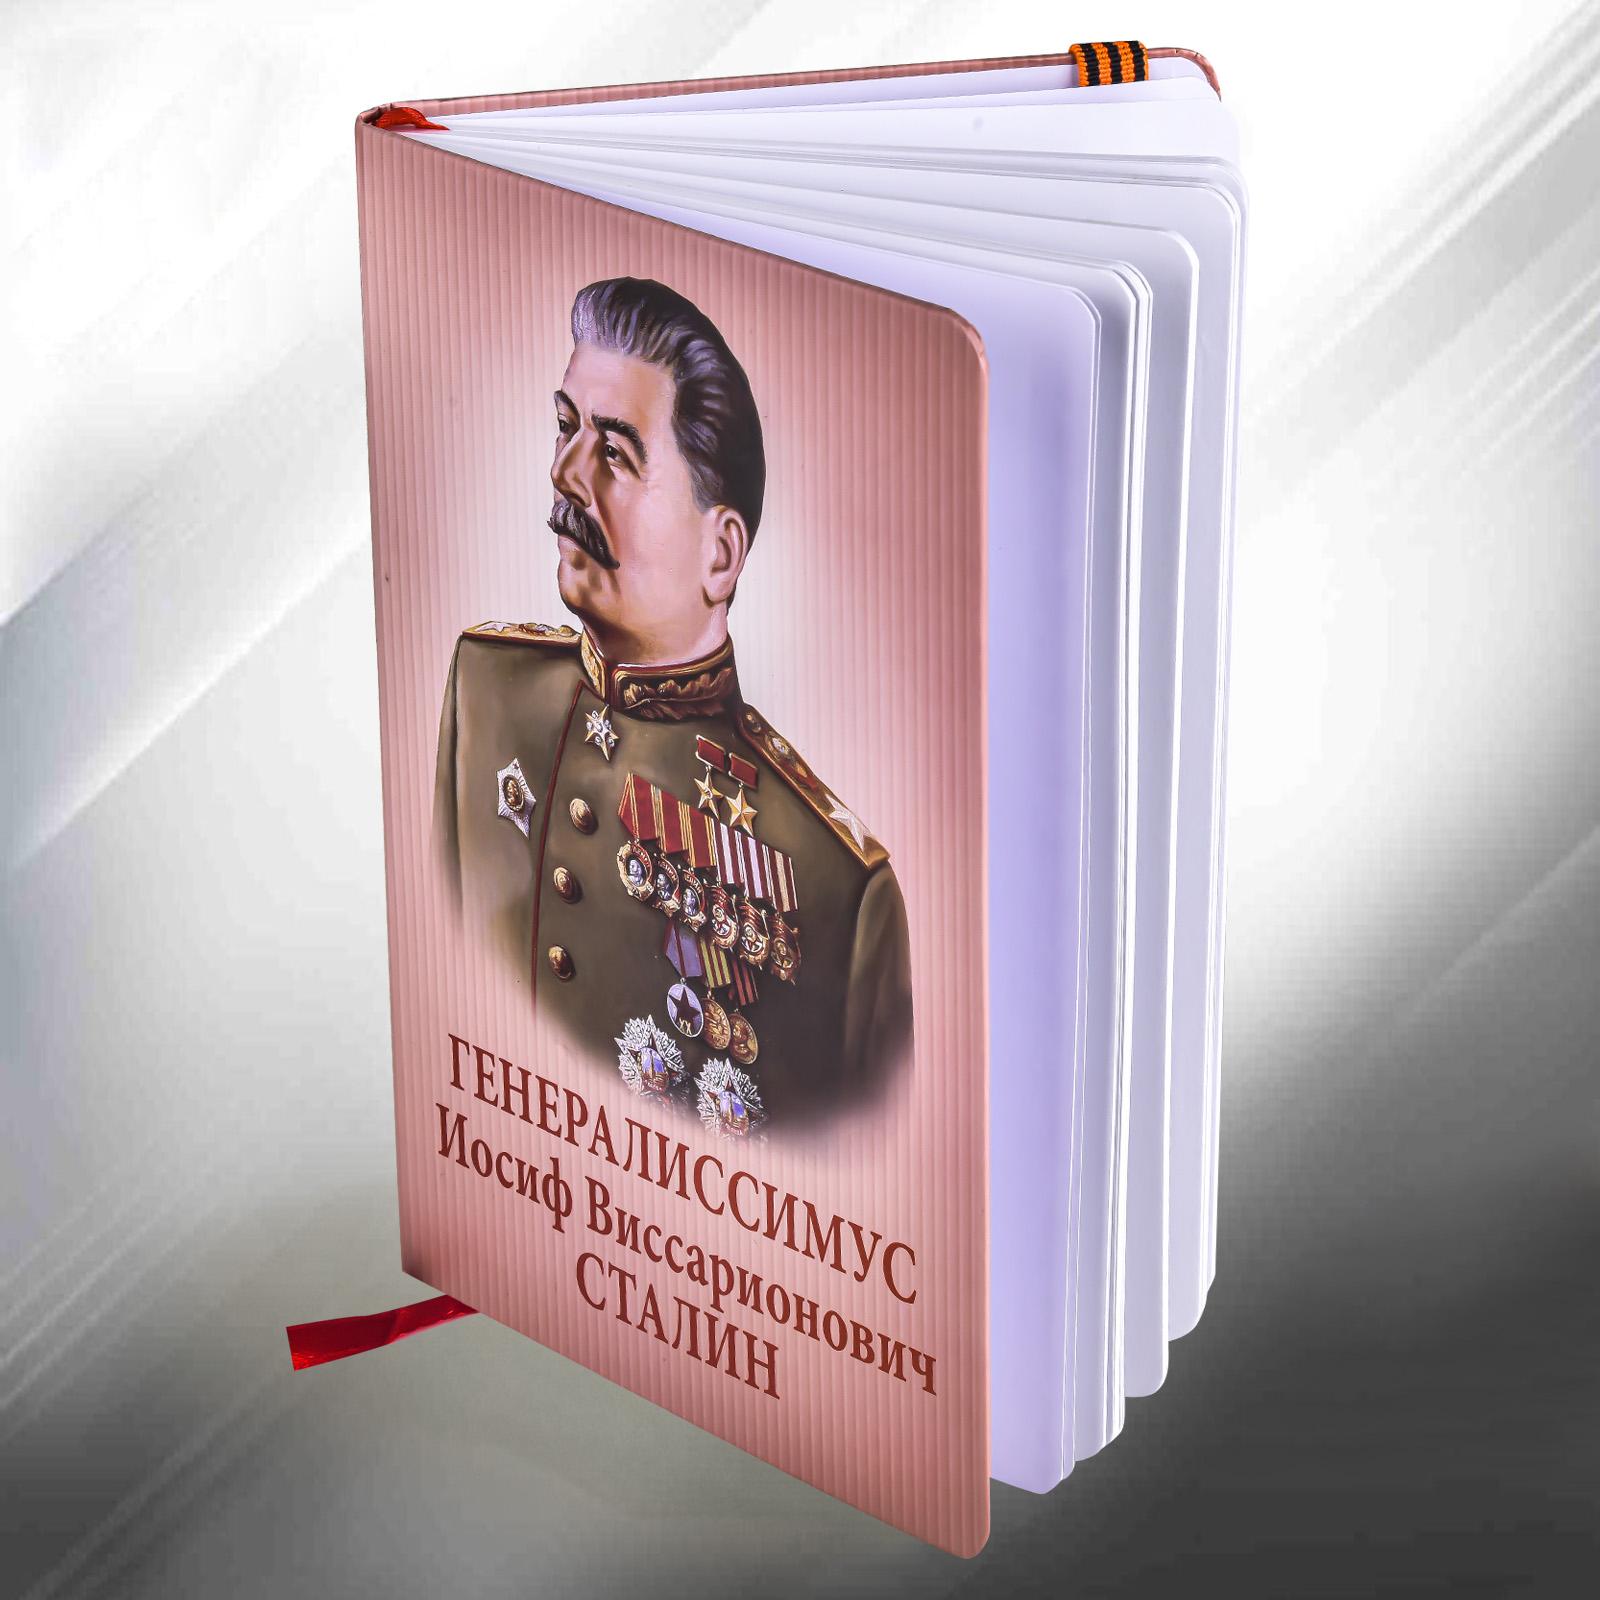 Блокнот Сталин